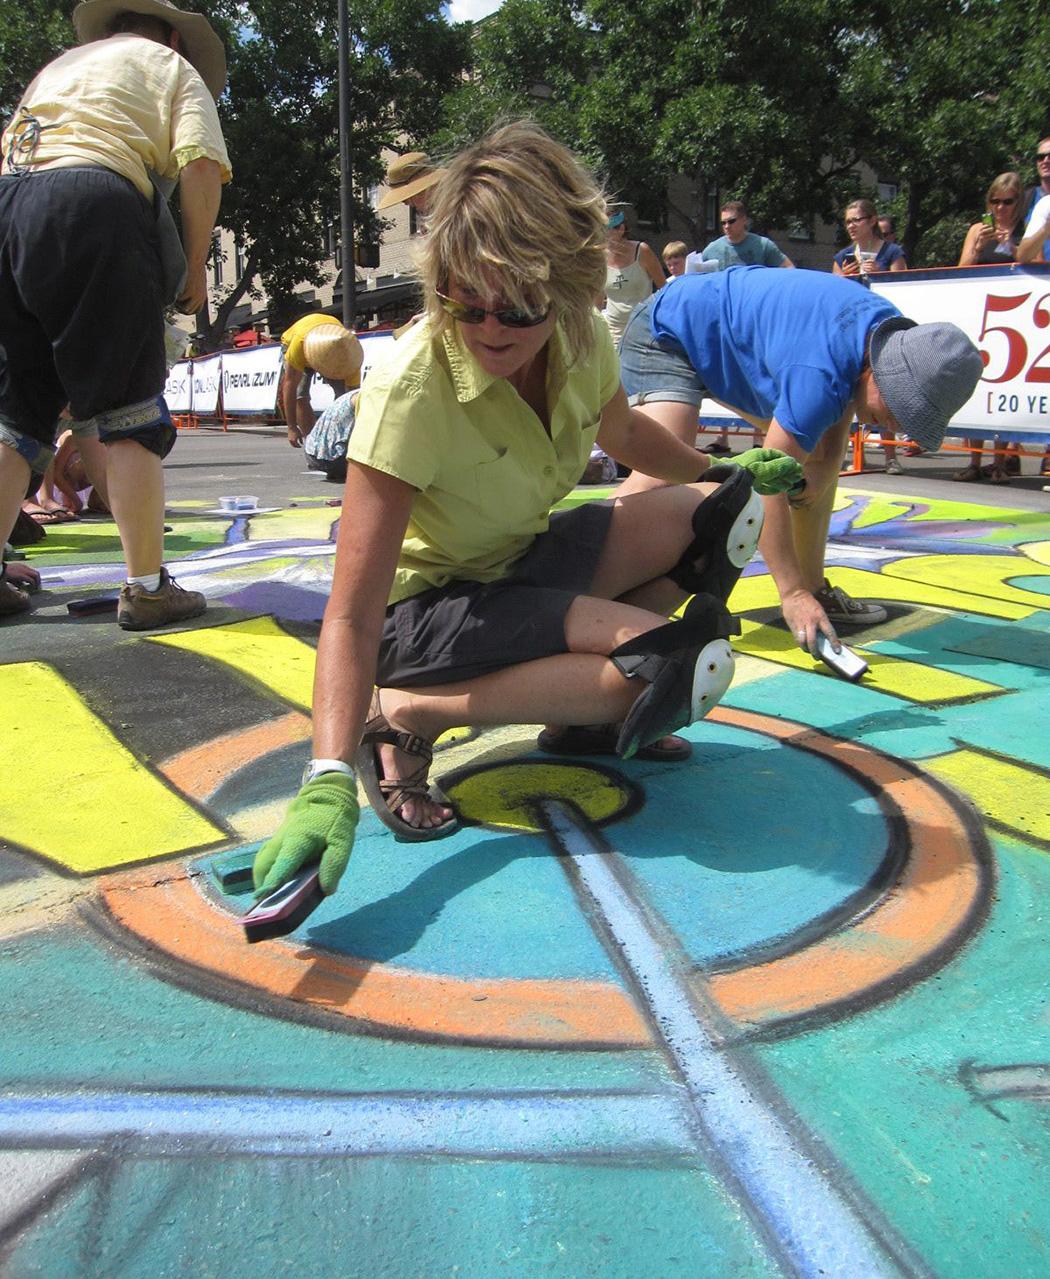 Pro Challenge Bike Race Chalk Art Finale, Fort Collins Colorado Downtown Business Association